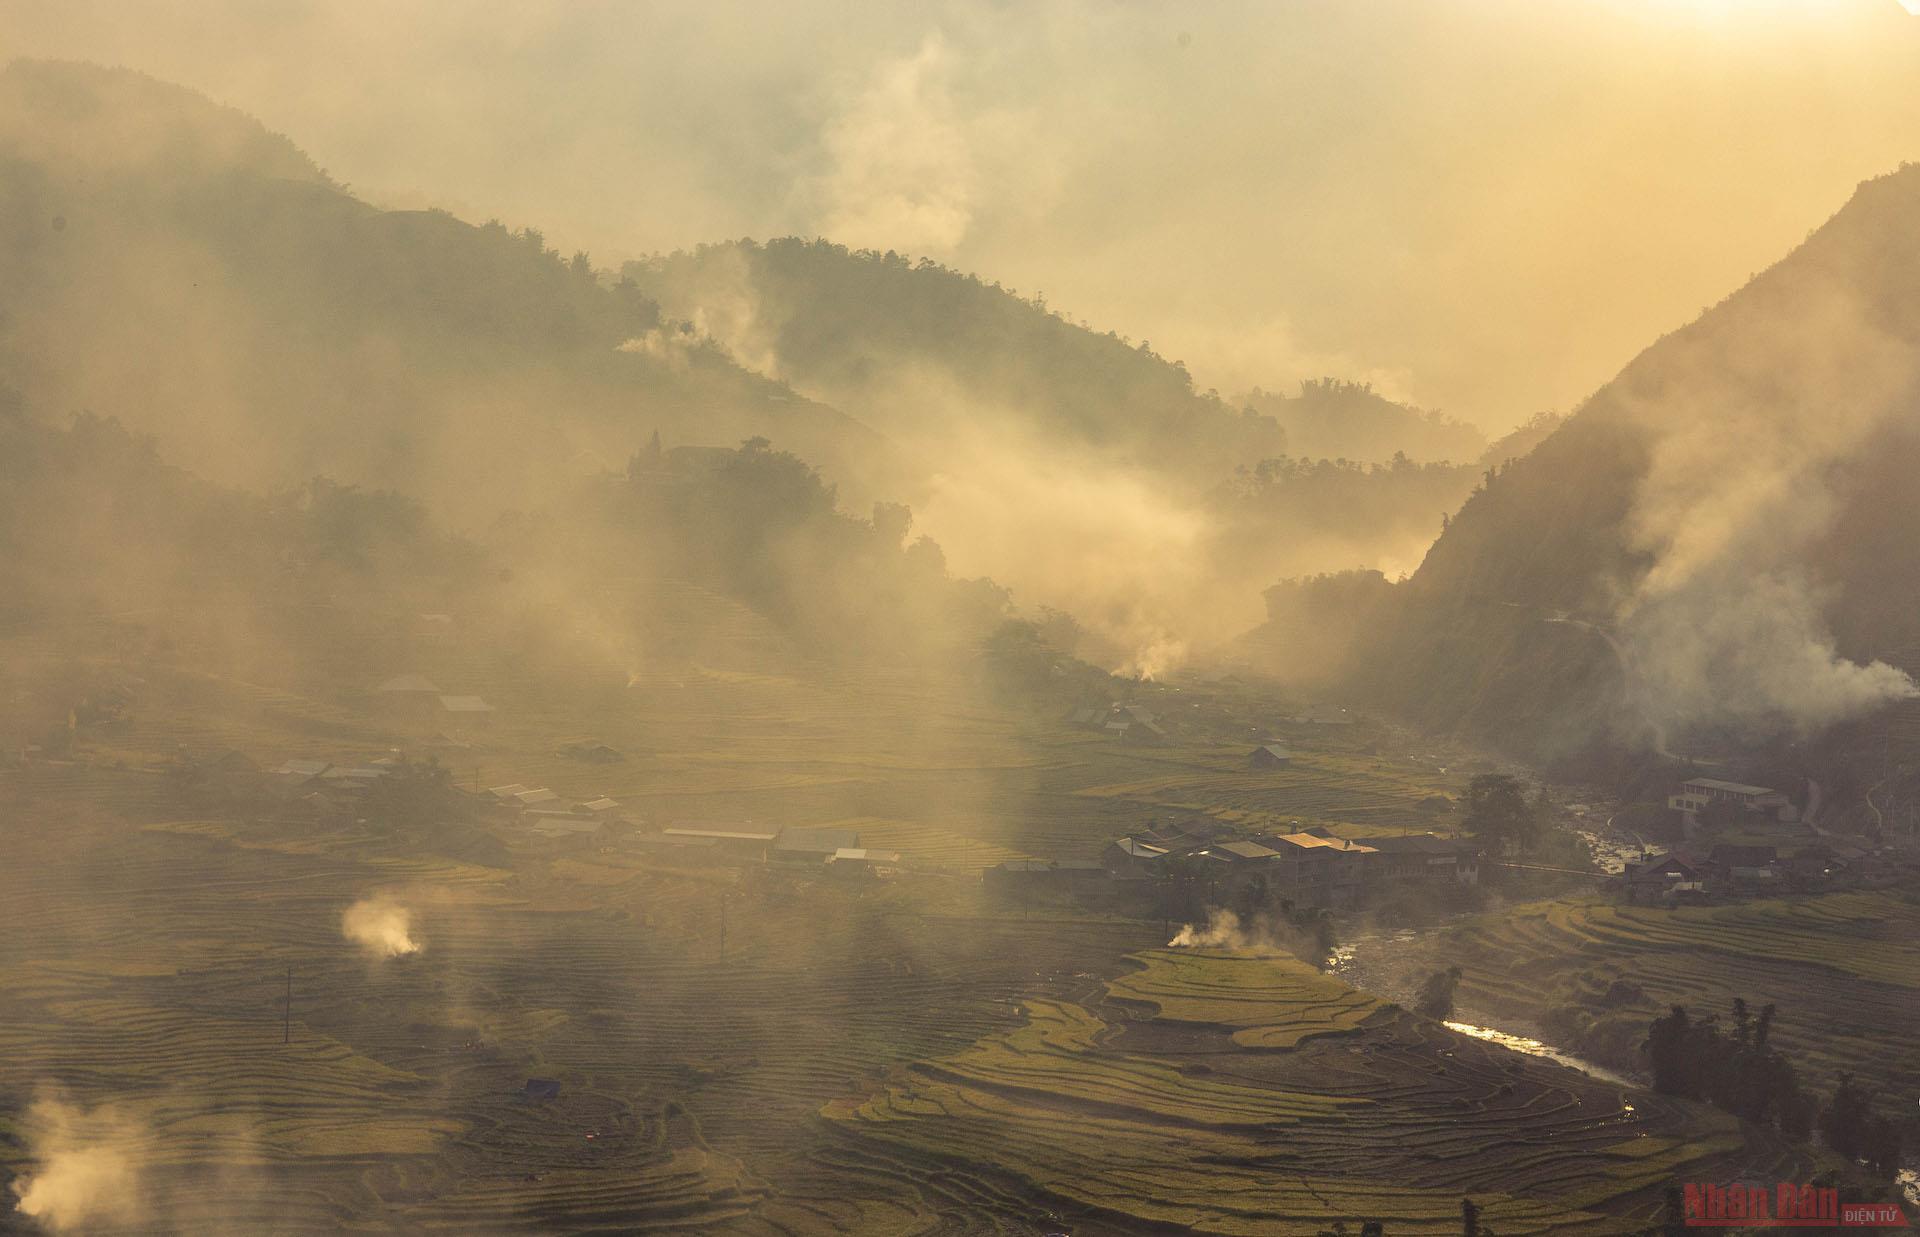 Ngoài không khí ngày mùa hối hả, du khách không nên bỏ qua khoảnh khắc tuyệt đẹp hoàng hôn cuối ngày ở nơi đây. Ráng chiều đổ bóng xuống thung lũng đang mờ sương khói của rơm rạ tạo khiến bạn ngỡ mình như ở chốn thiên đường.